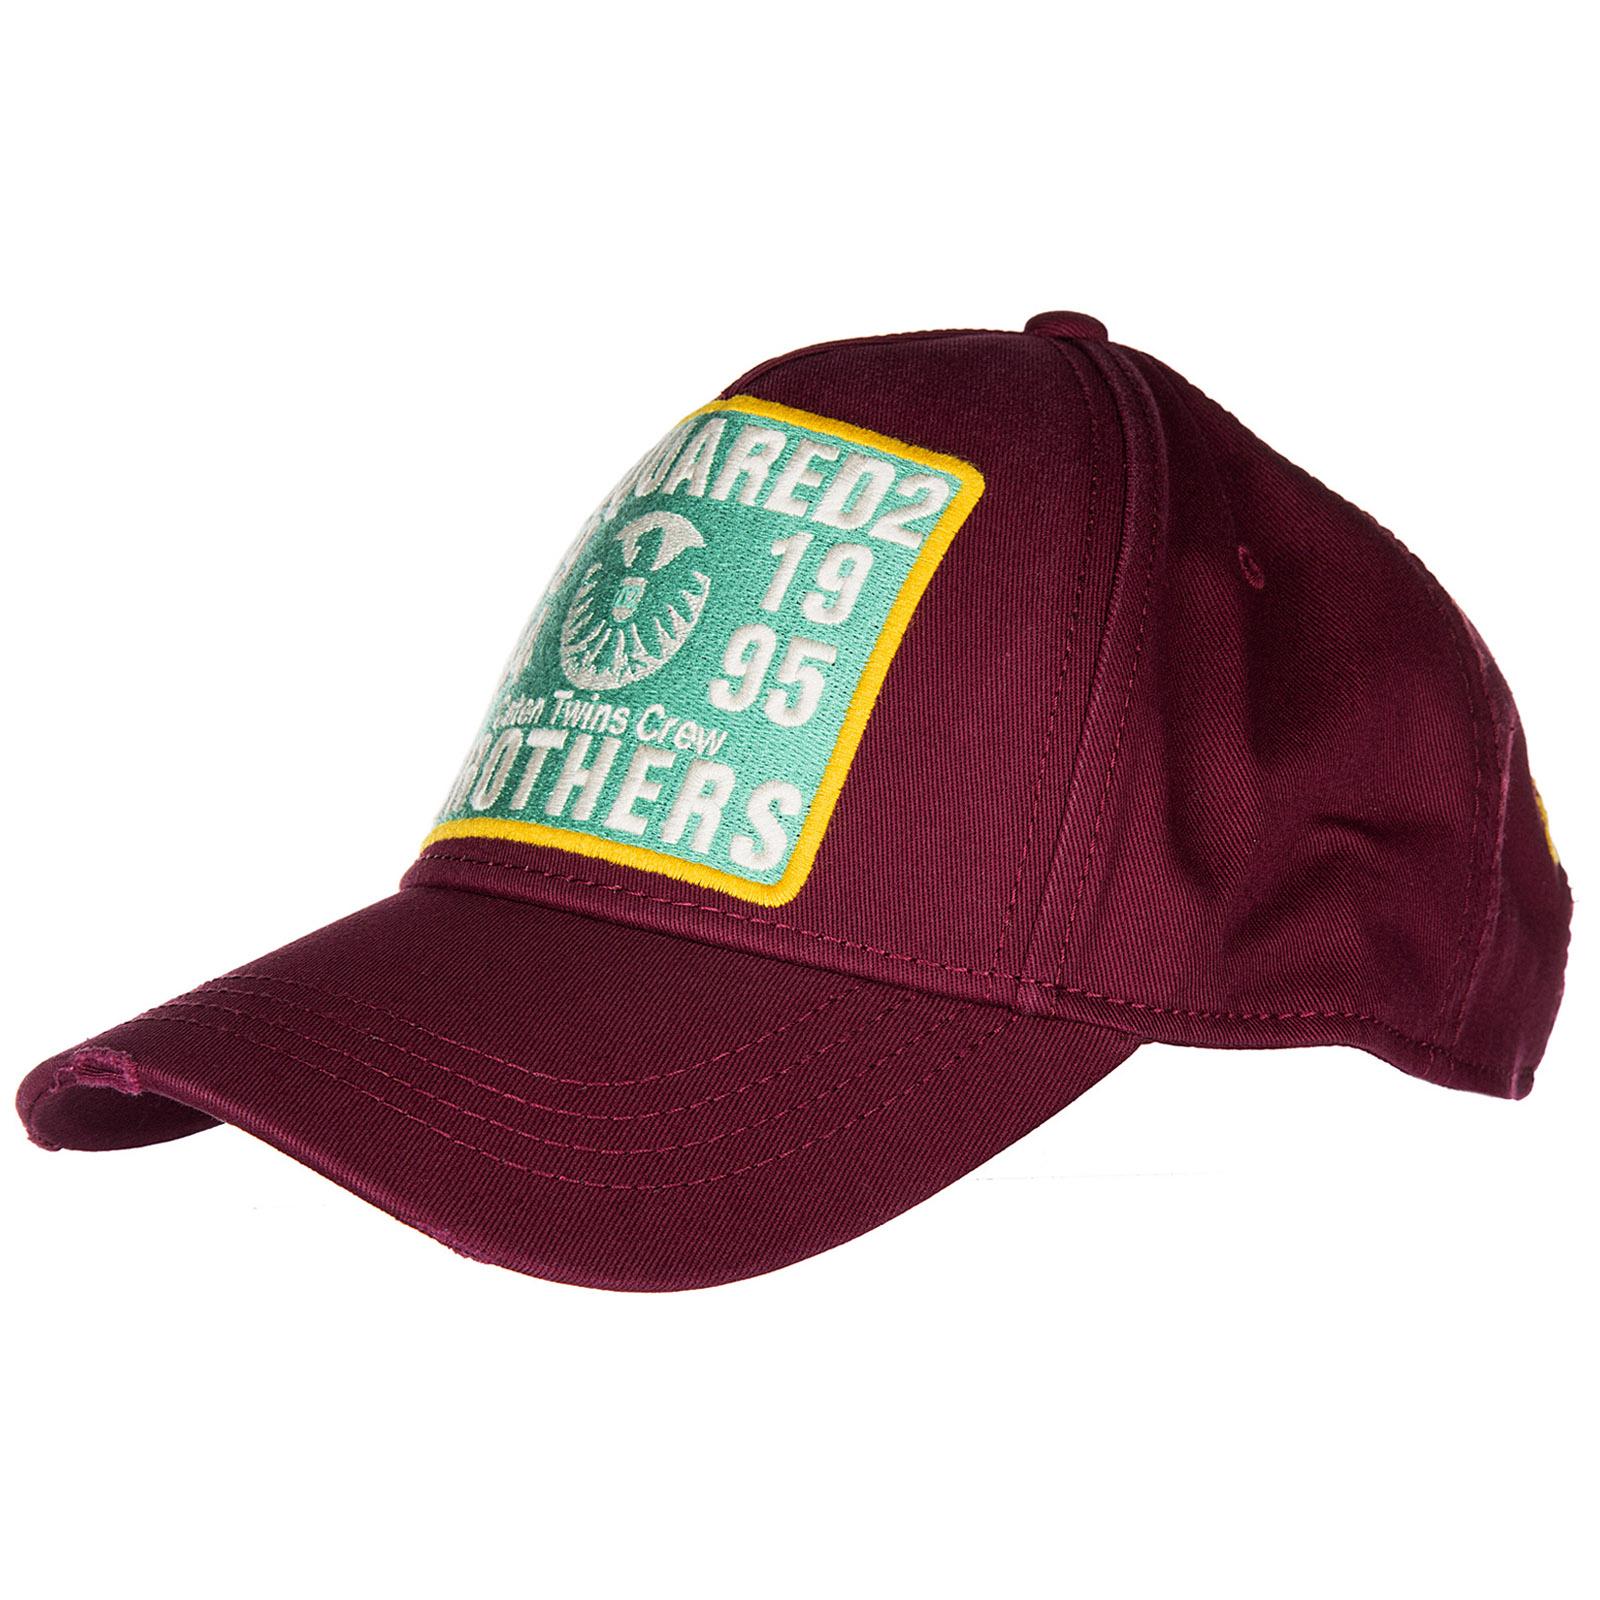 Cappello berretto regolabile uomo in cotone gabardine